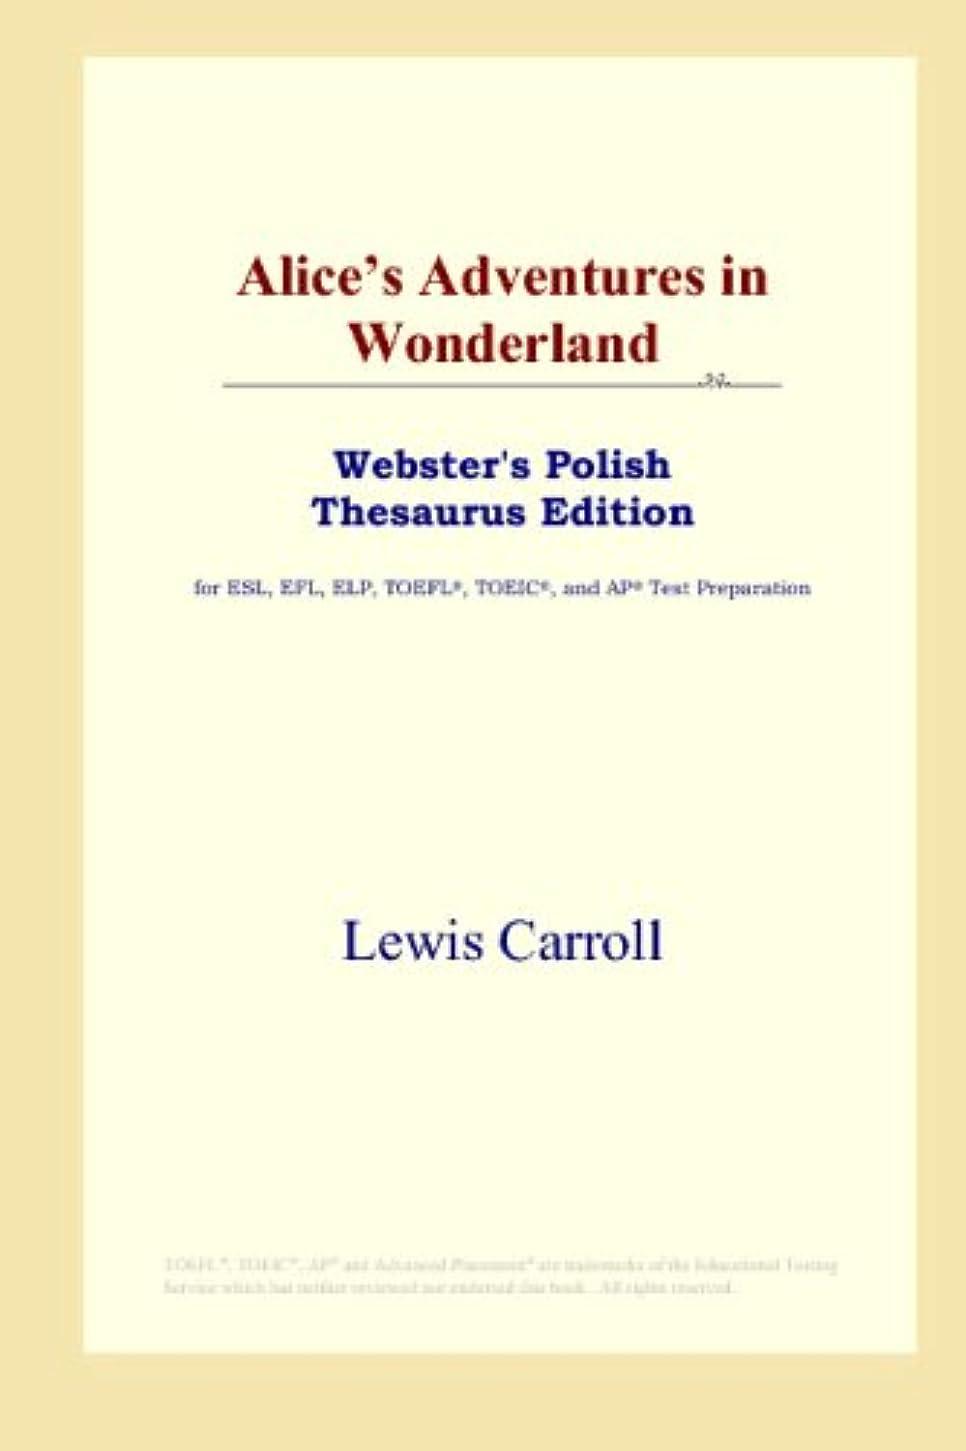 クルーズ登るつまらないAlice's Adventures in Wonderland (Webster's Polish Thesaurus Edition)